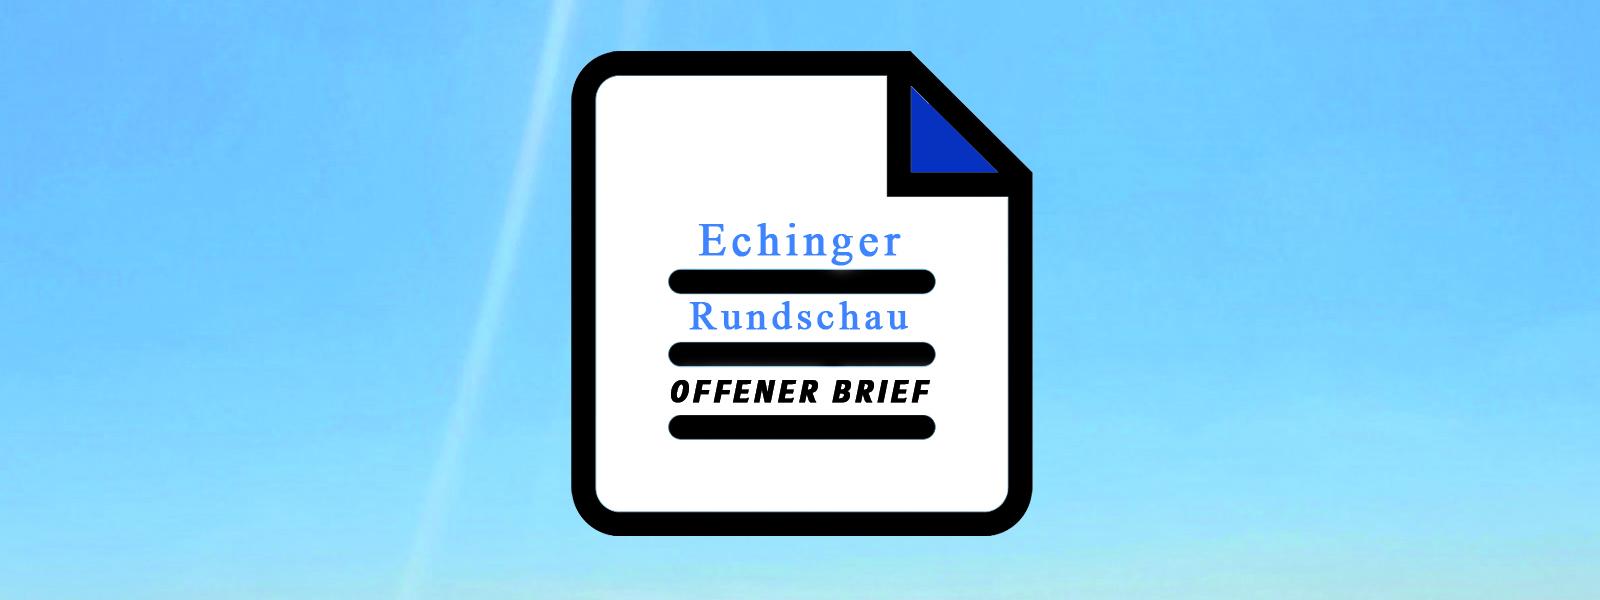 ER-OffenerBrief